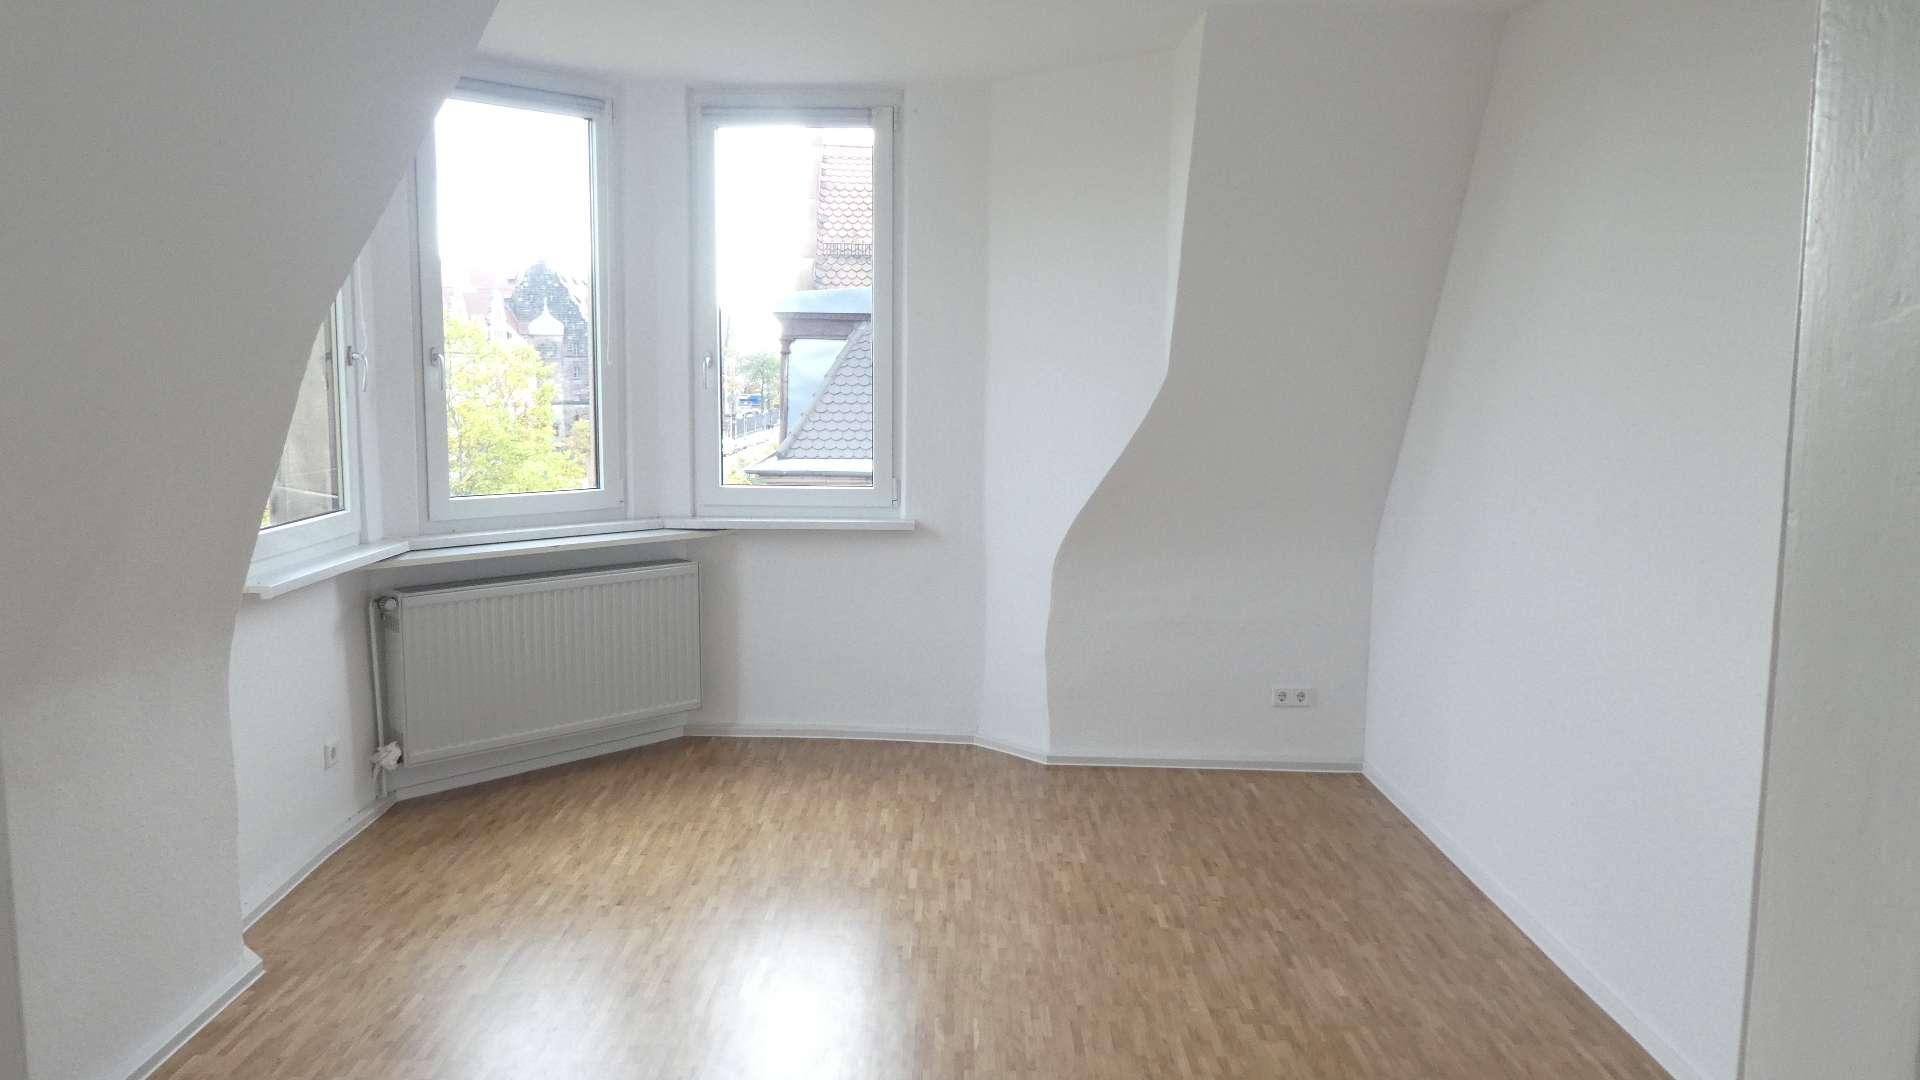 Jugendstil-Anwesen ! Chice, kernsanierte 3-Zi.-Whg. ca. 95 m², Parkett, zentrale Lage in Bärenschanze (Nürnberg)